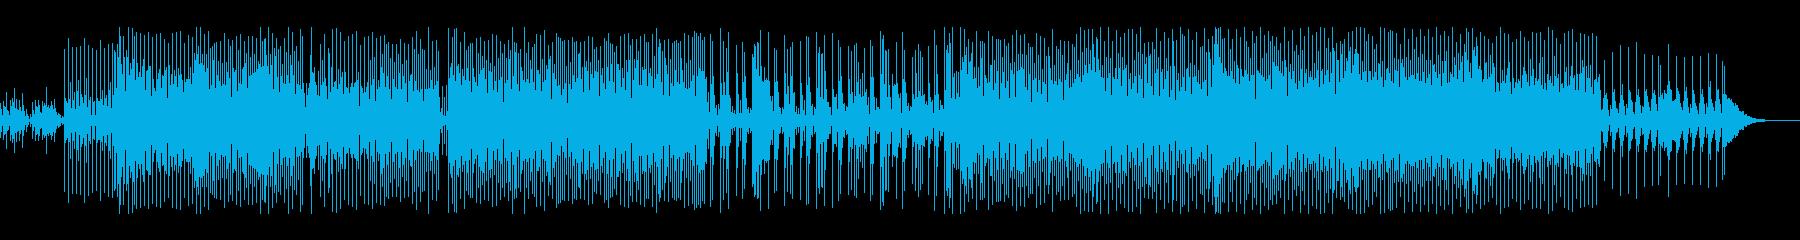 展開のある色気と緊迫感があるサウンドの再生済みの波形